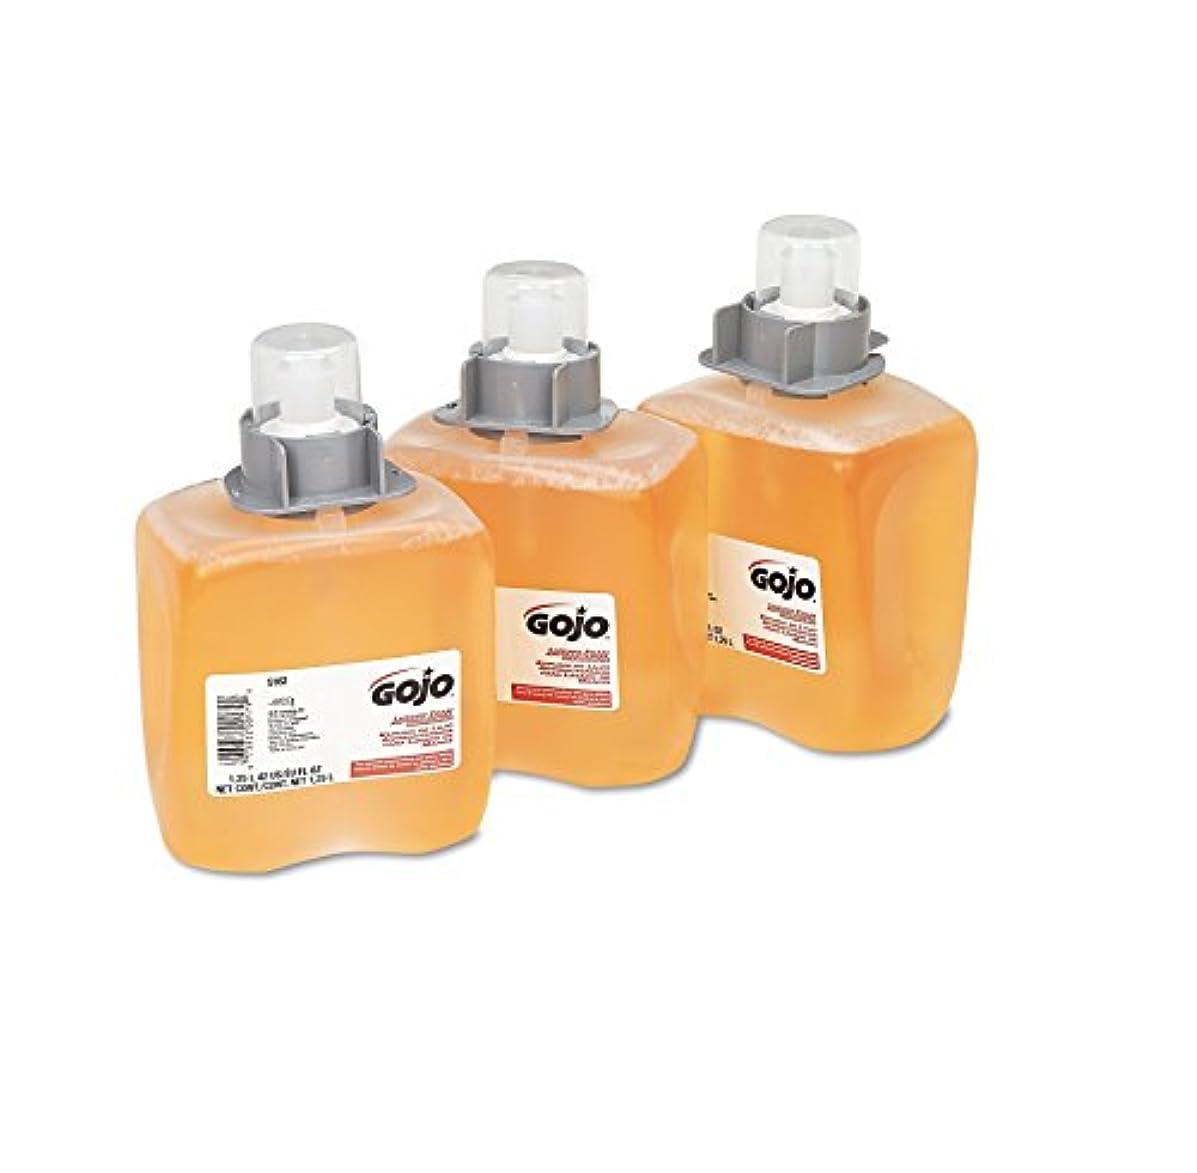 承知しましたマイクロフォンスラムFMX-12 Foam Hand Wash, Orange Blossom, FMX-12 Dispenser, 1250ml Pump, 3/Carton (並行輸入品)